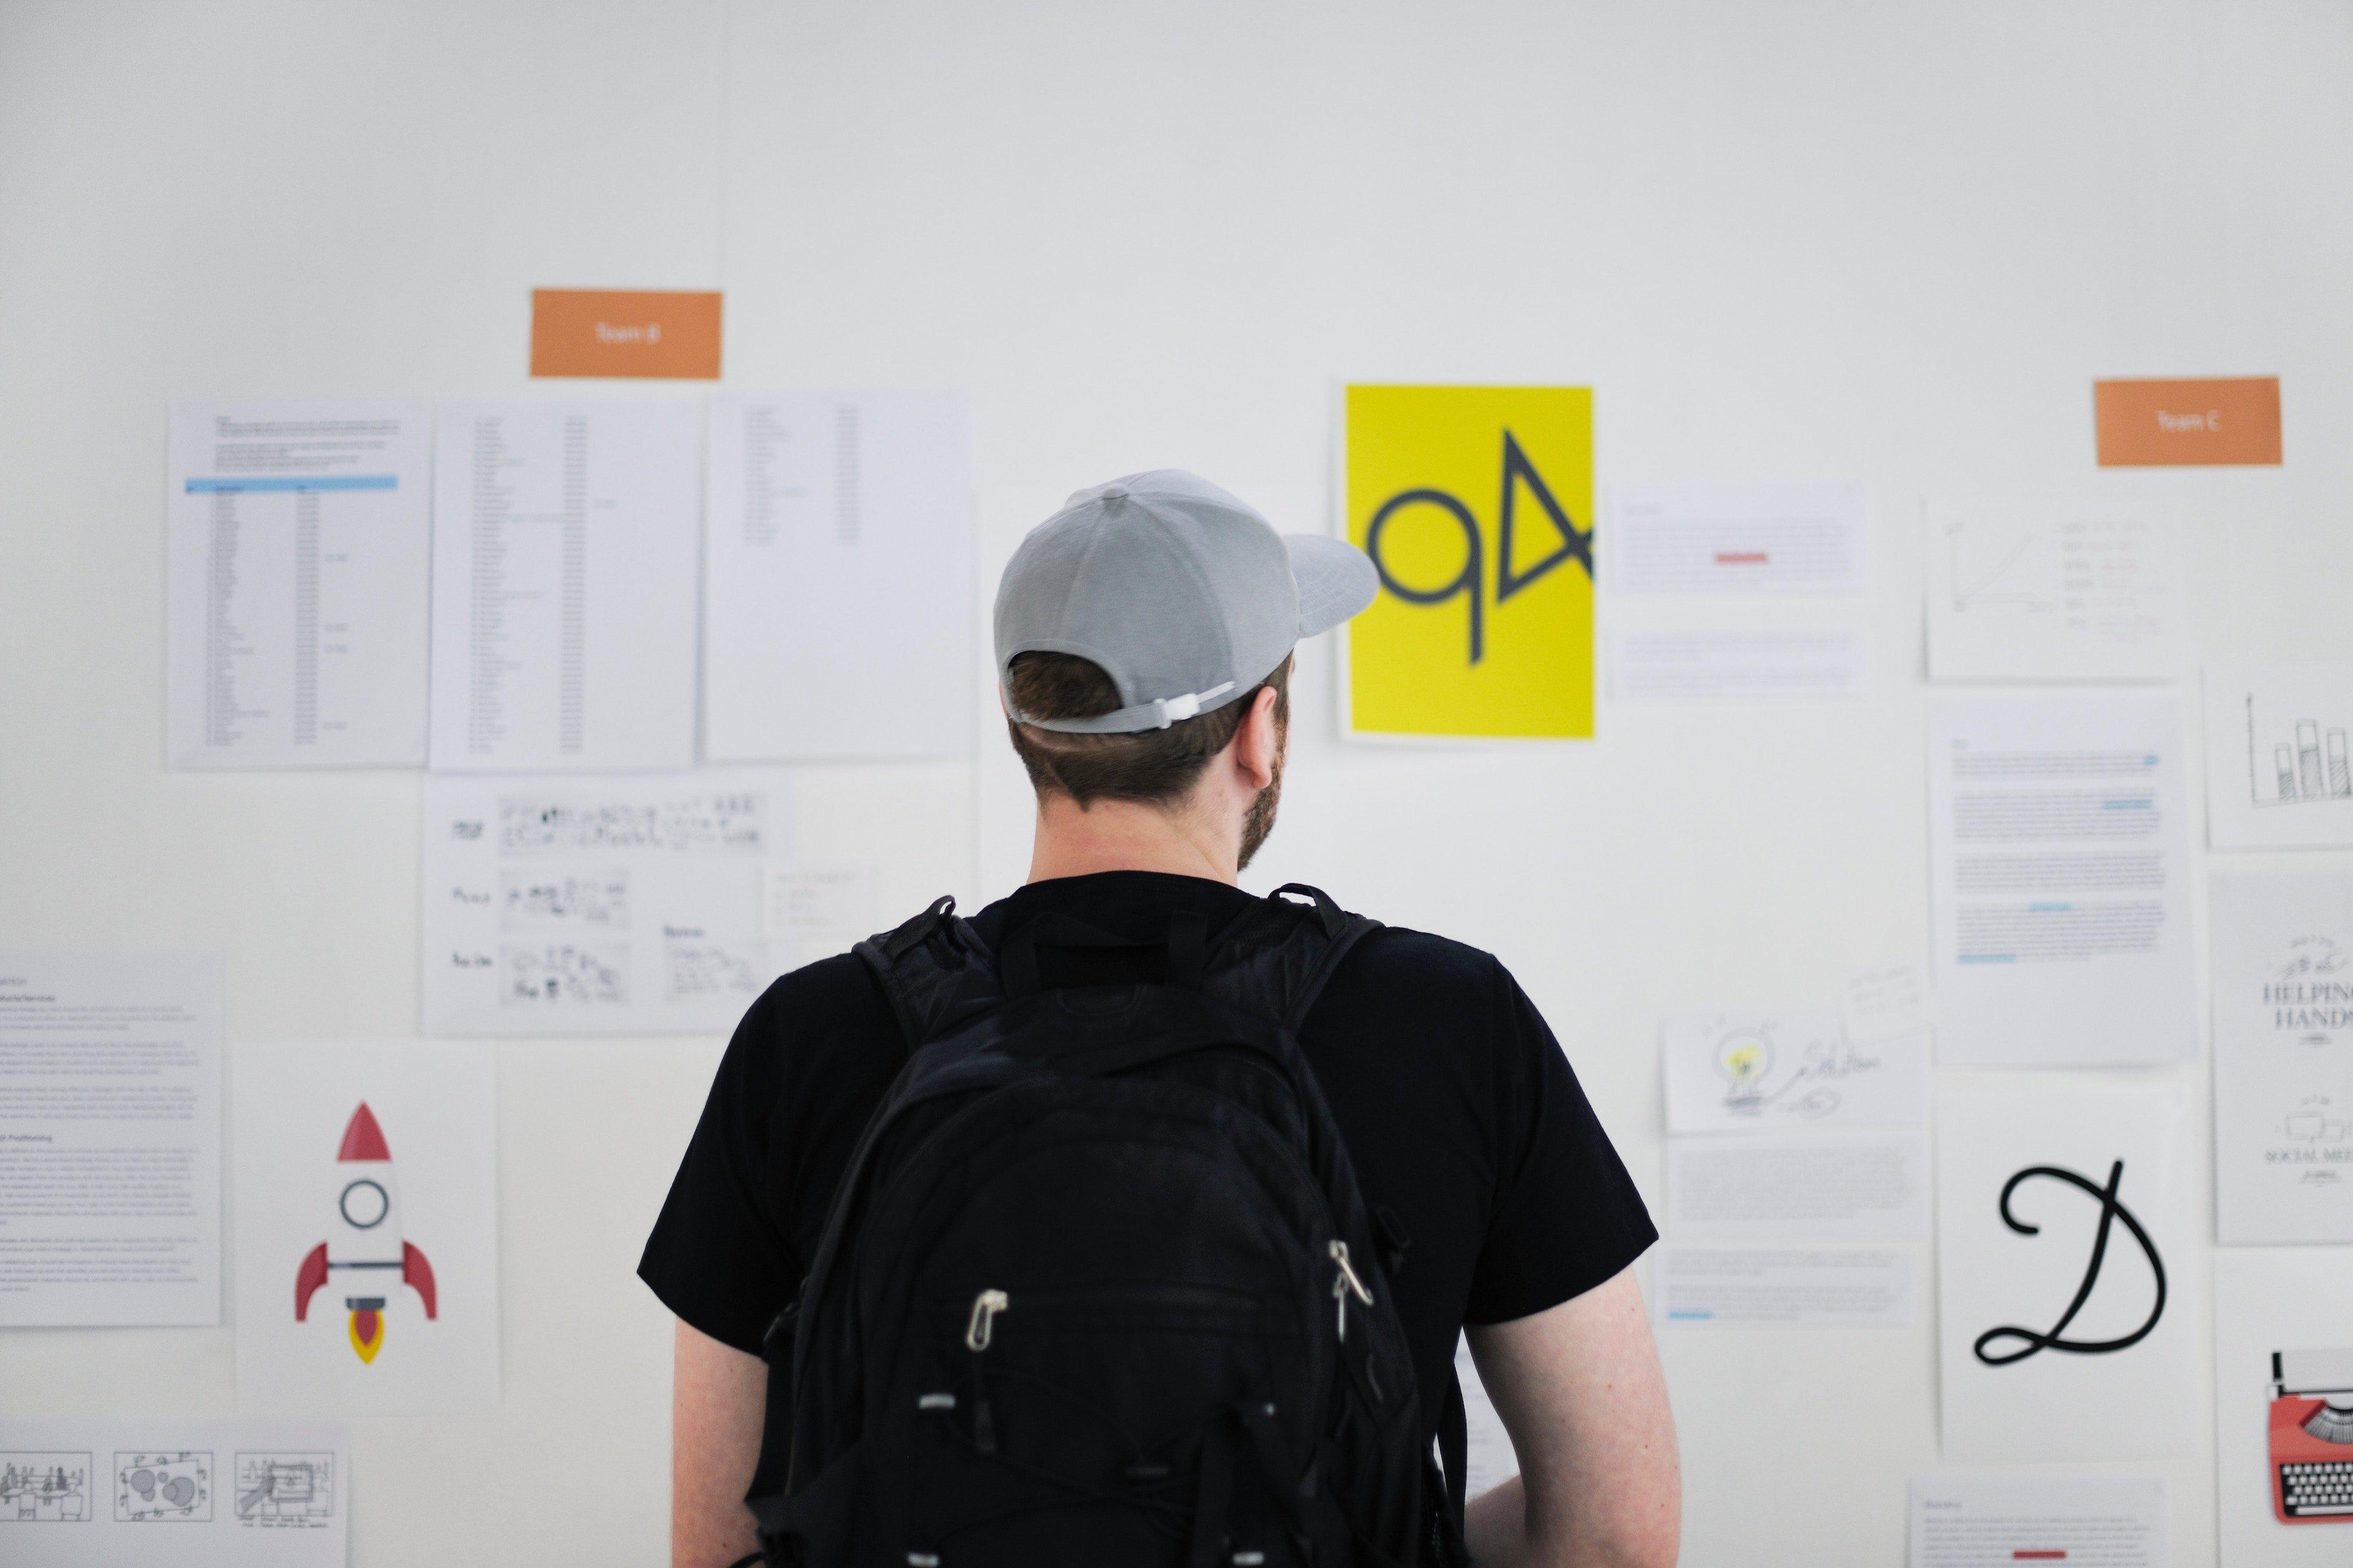 man looking at brainstorm wall